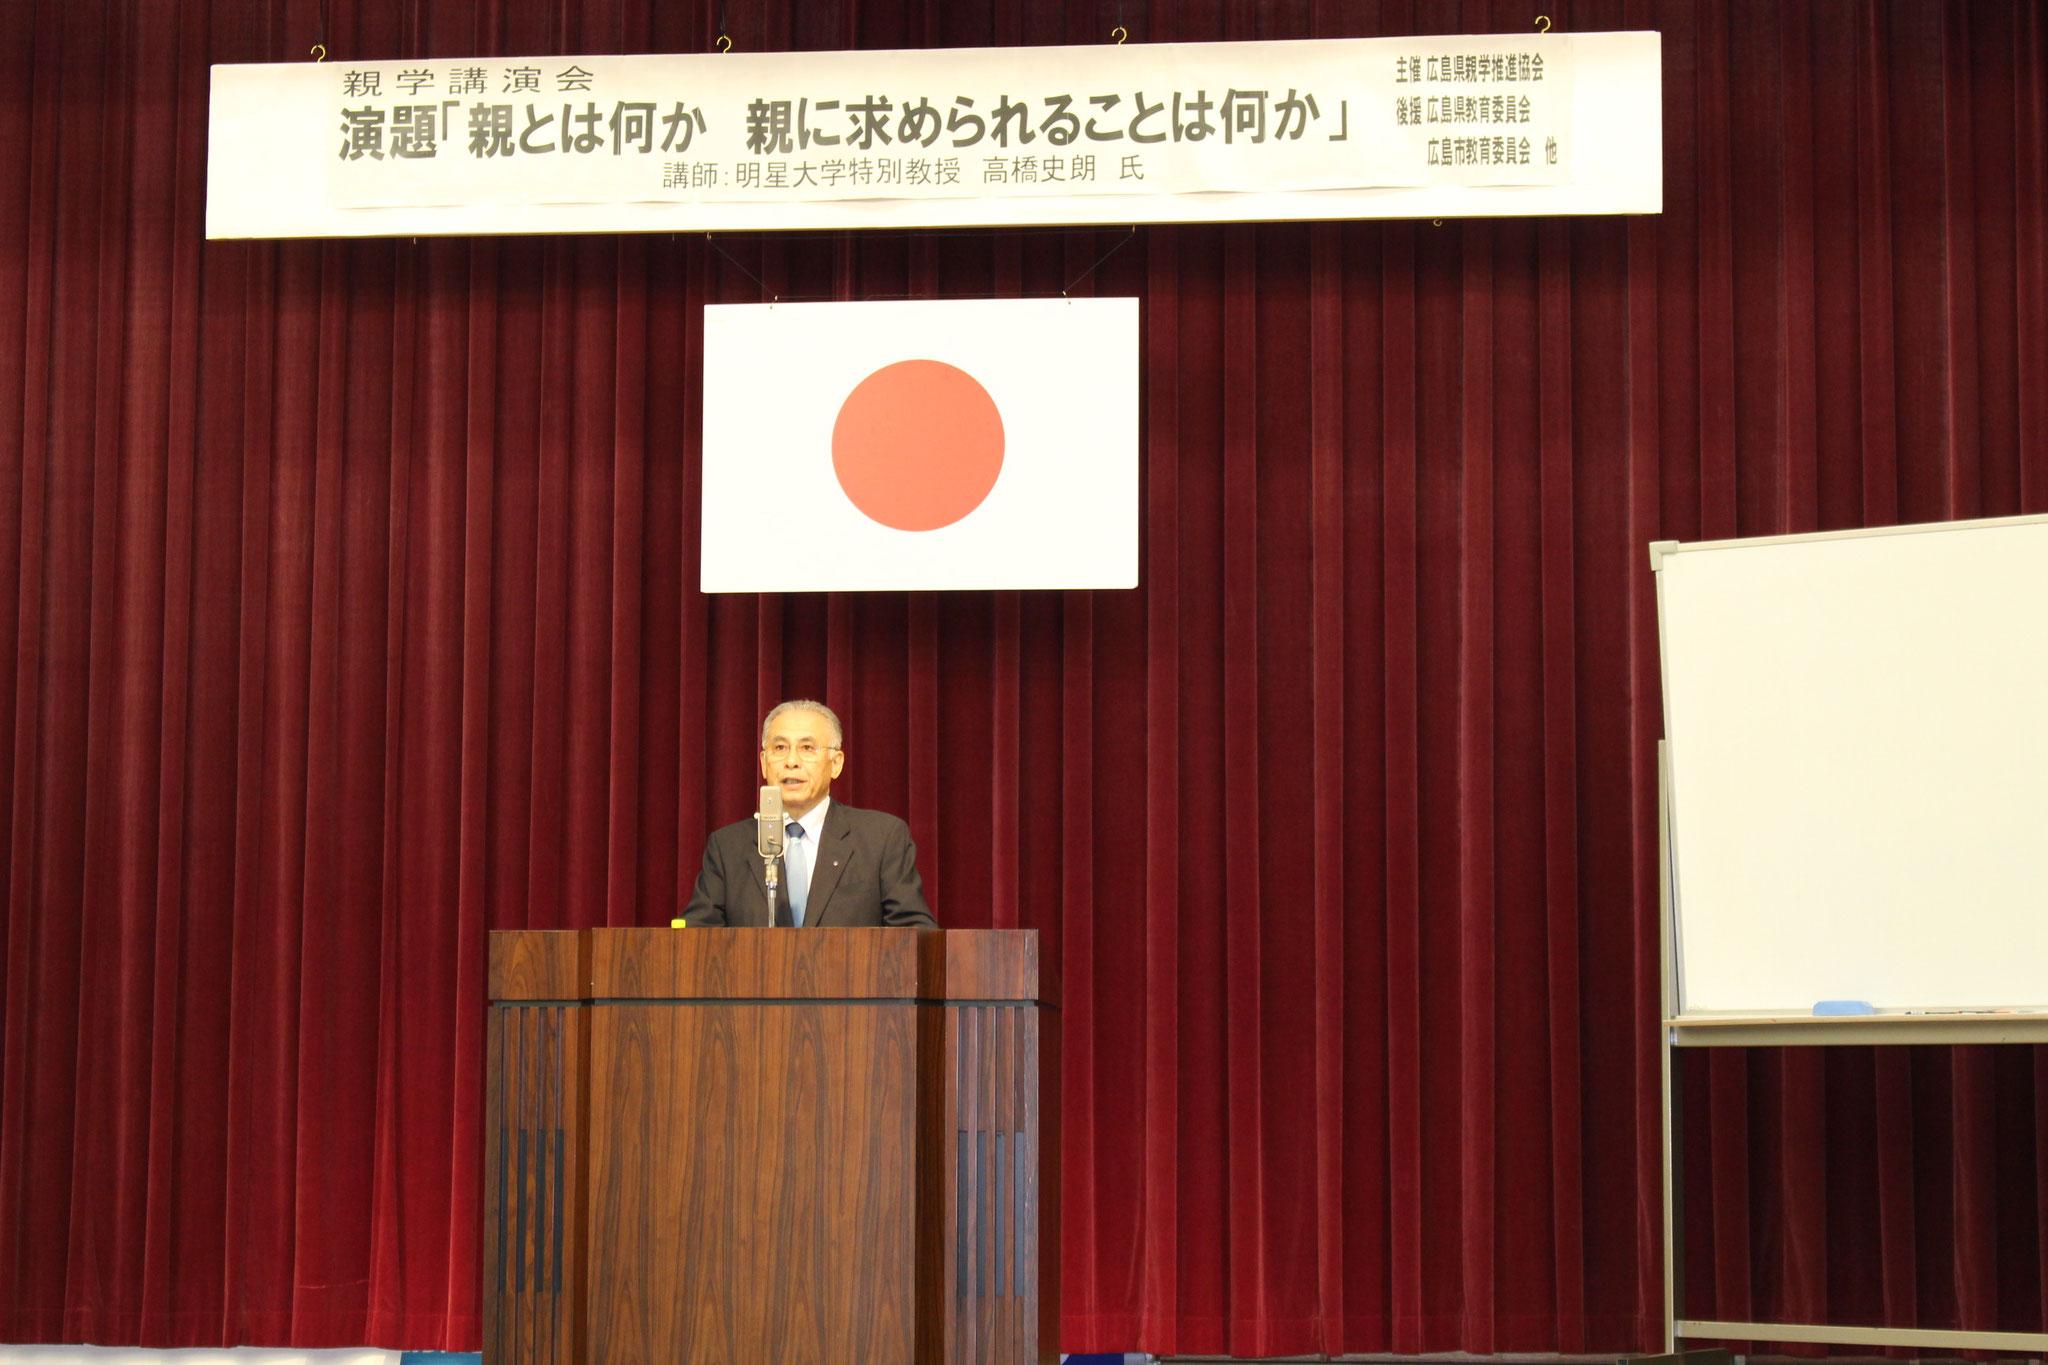 本会会長 上野学園理事長 上野淳二より挨拶いたしました。